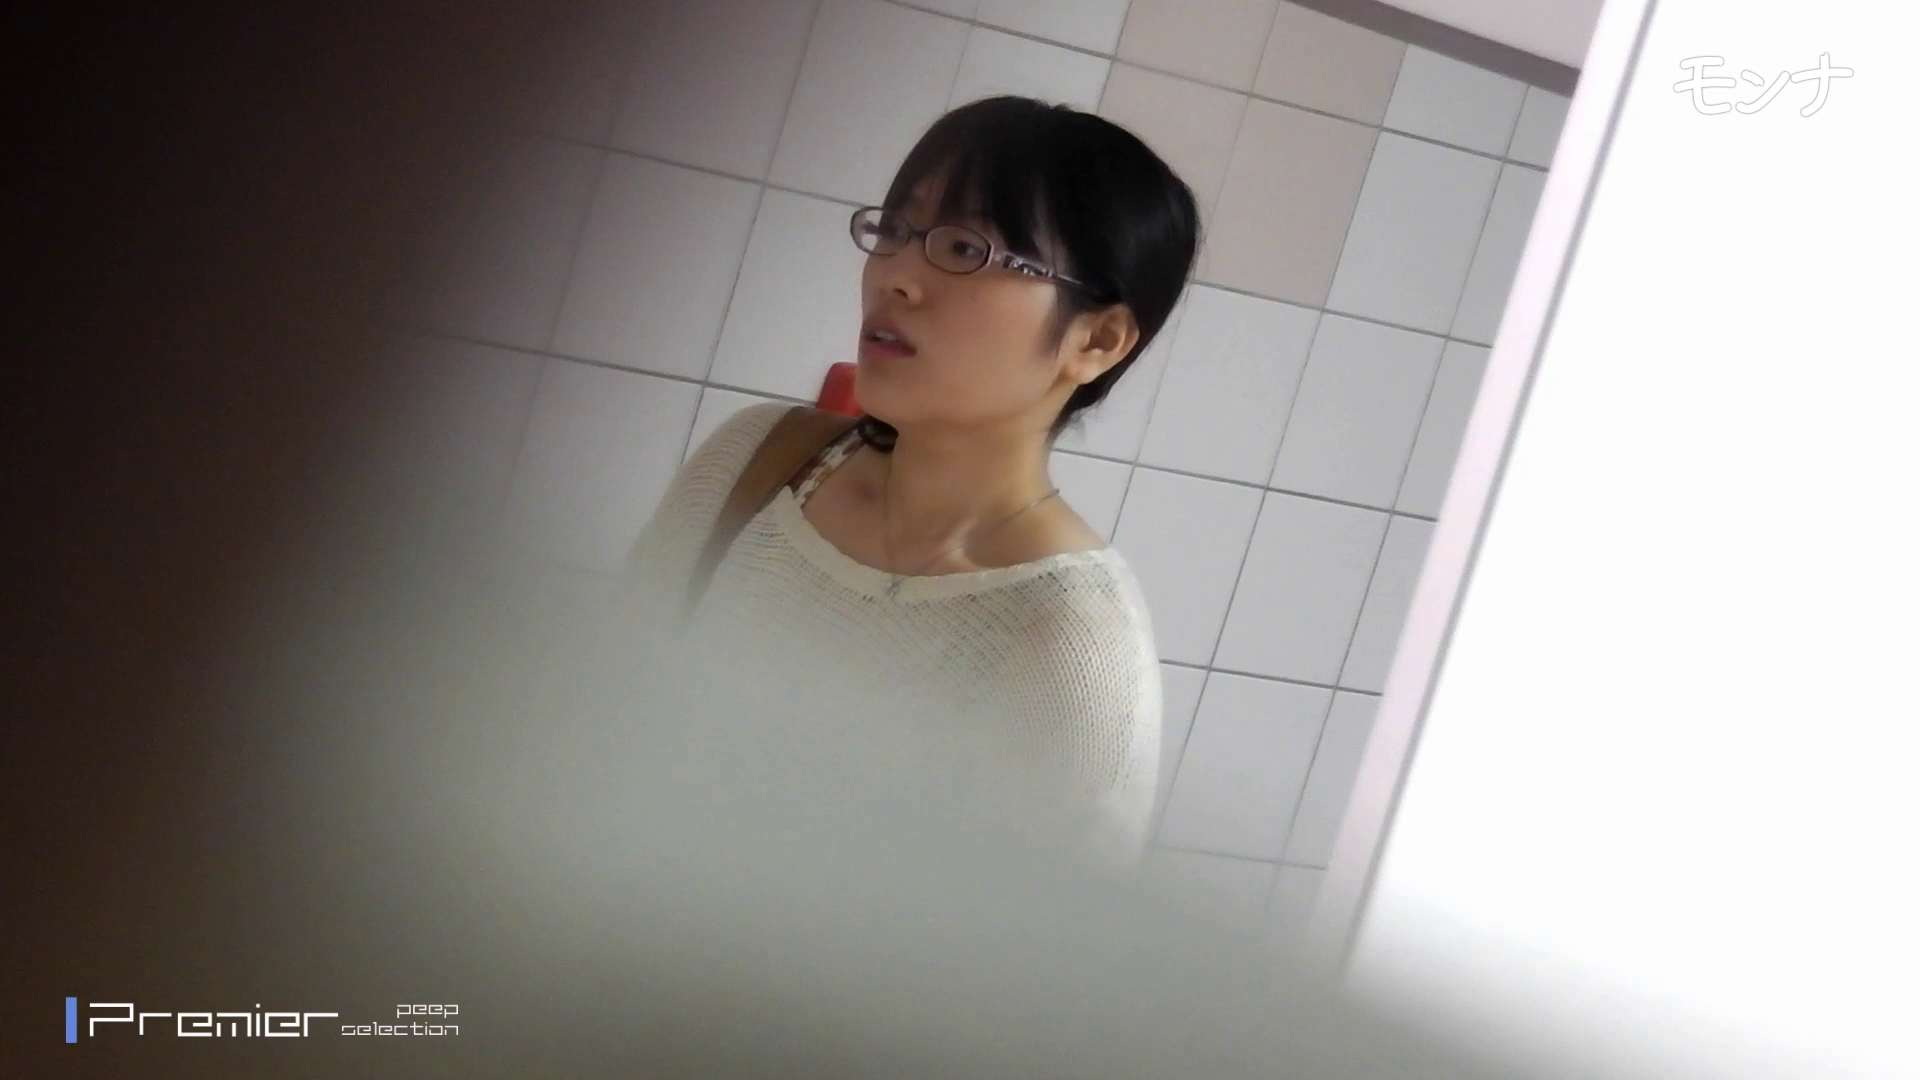 美しい日本の未来 No.55 普通の子たちの日常調長身あり リアル・マンコ   盗撮  54pic 16